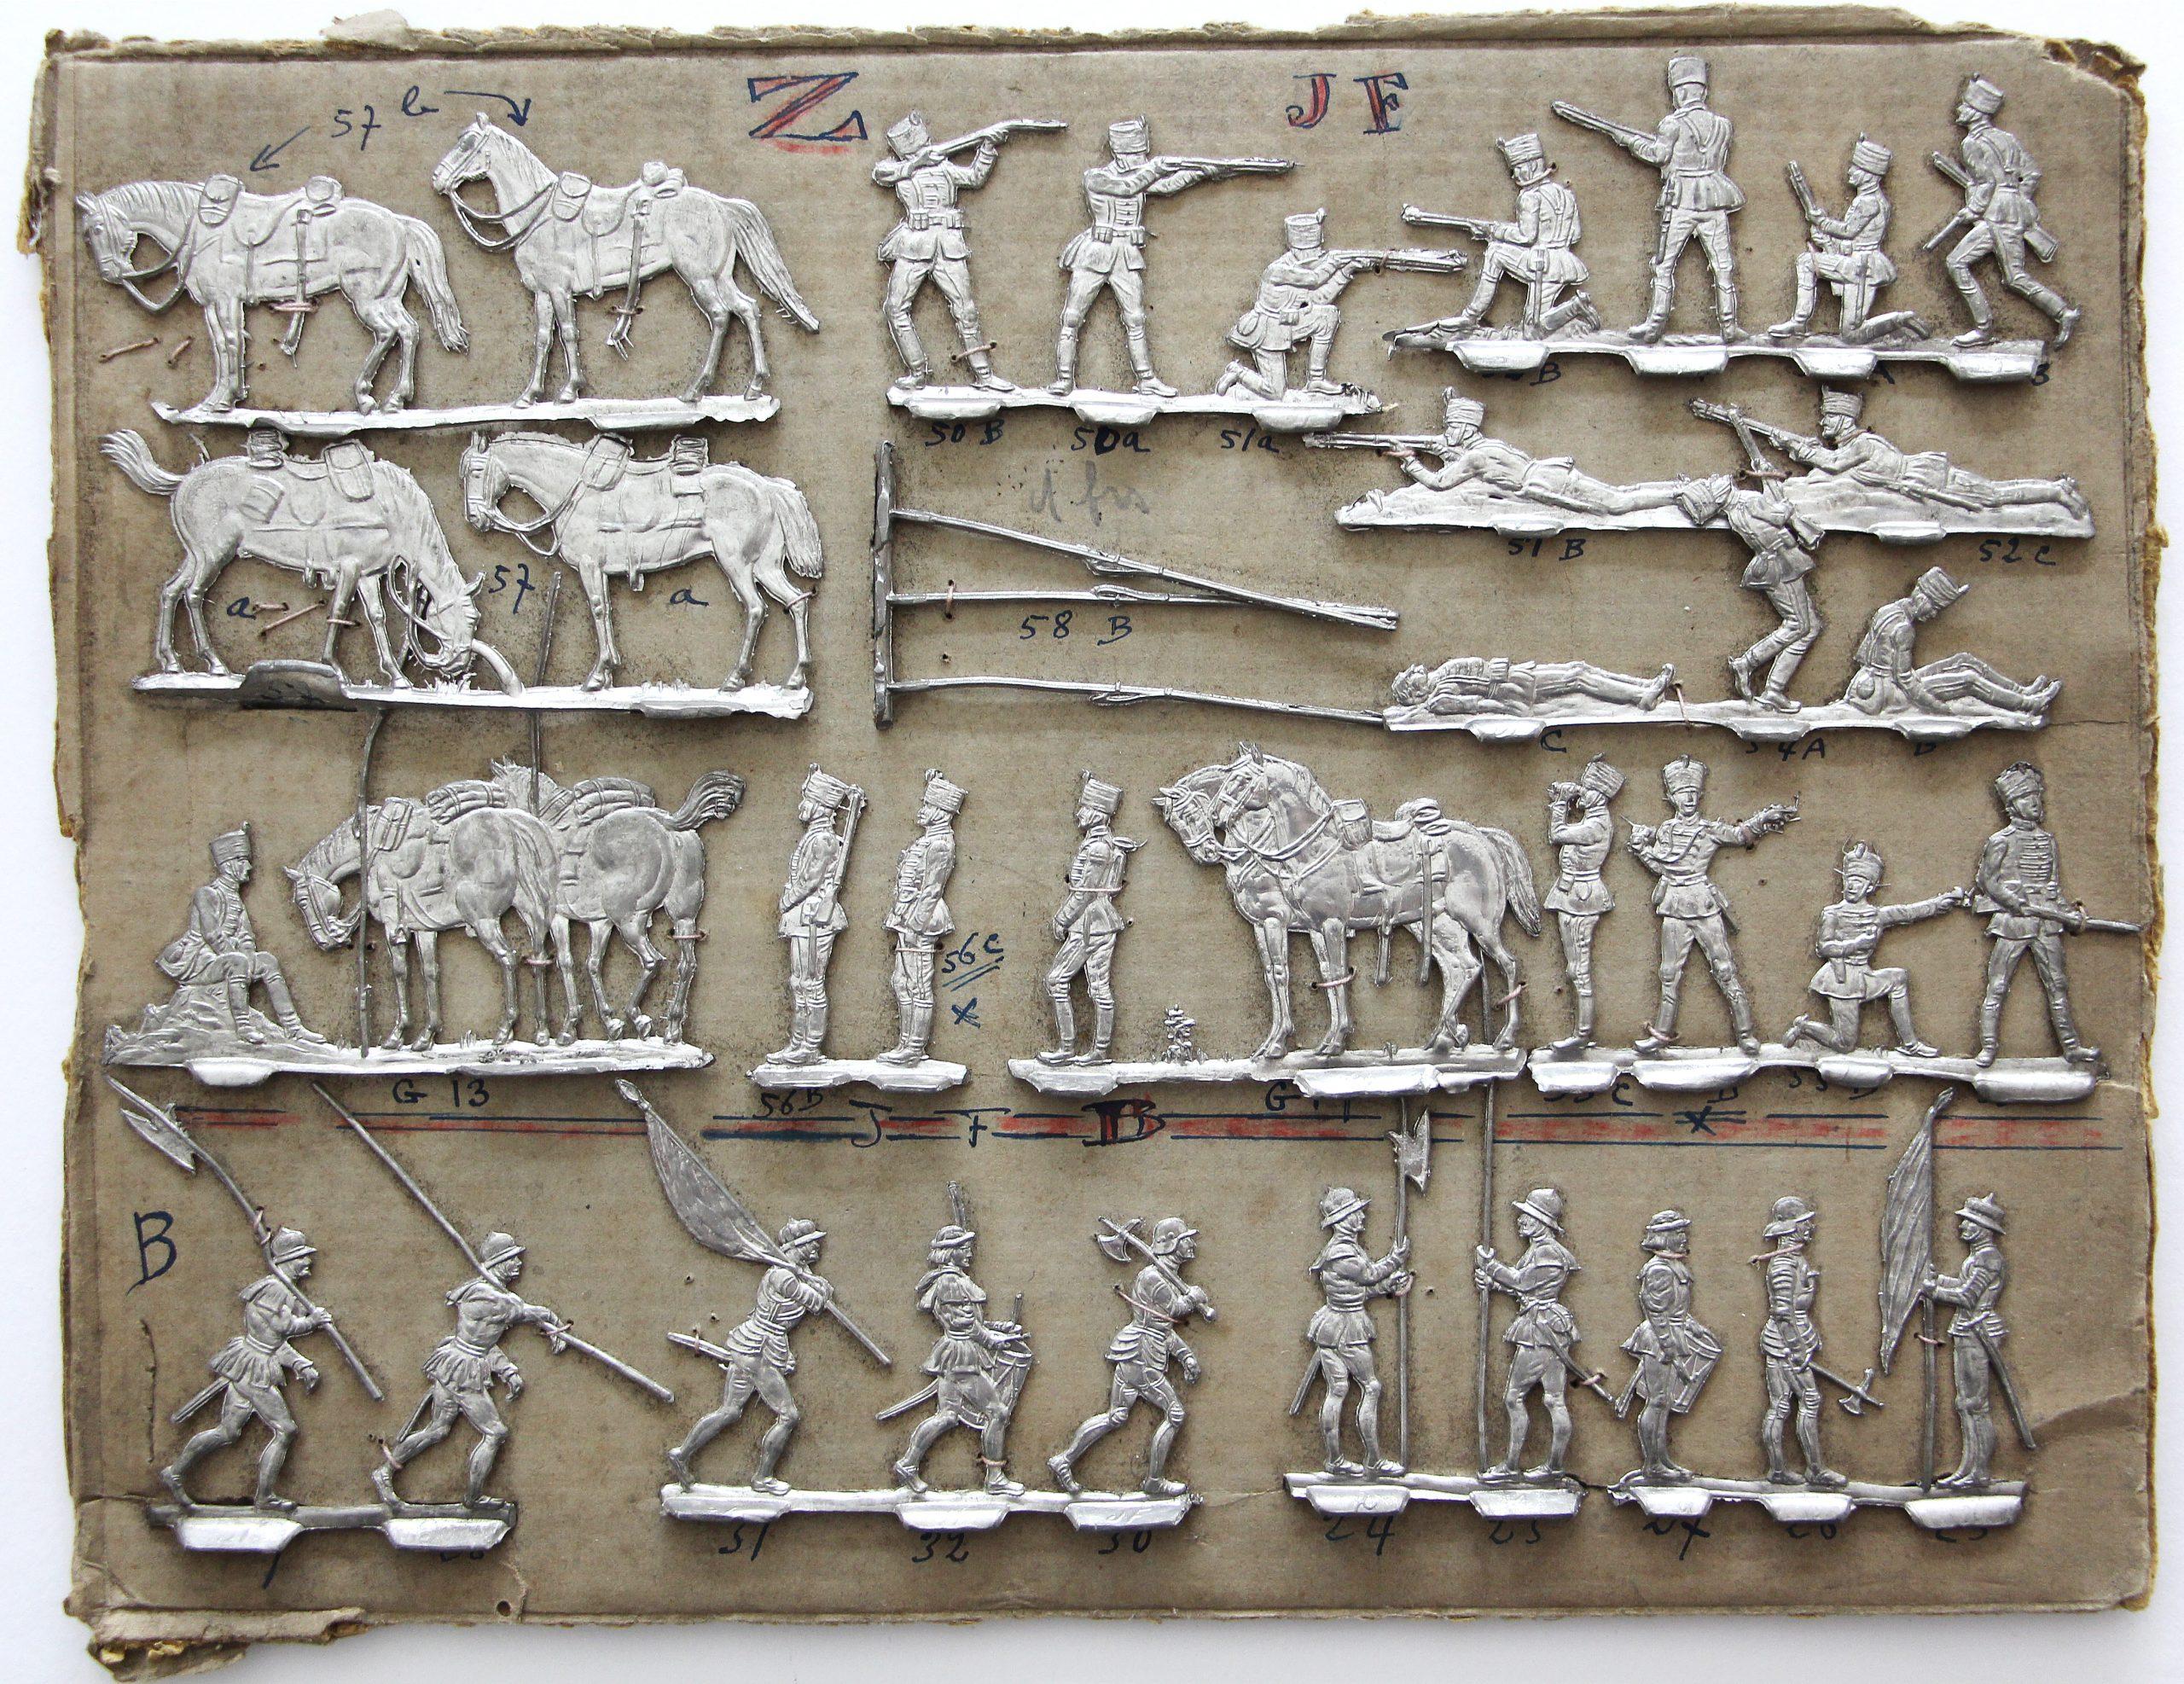 Plat d'étain ancien - Plaque de présentation - XIX siècle - Soldat - Figurines